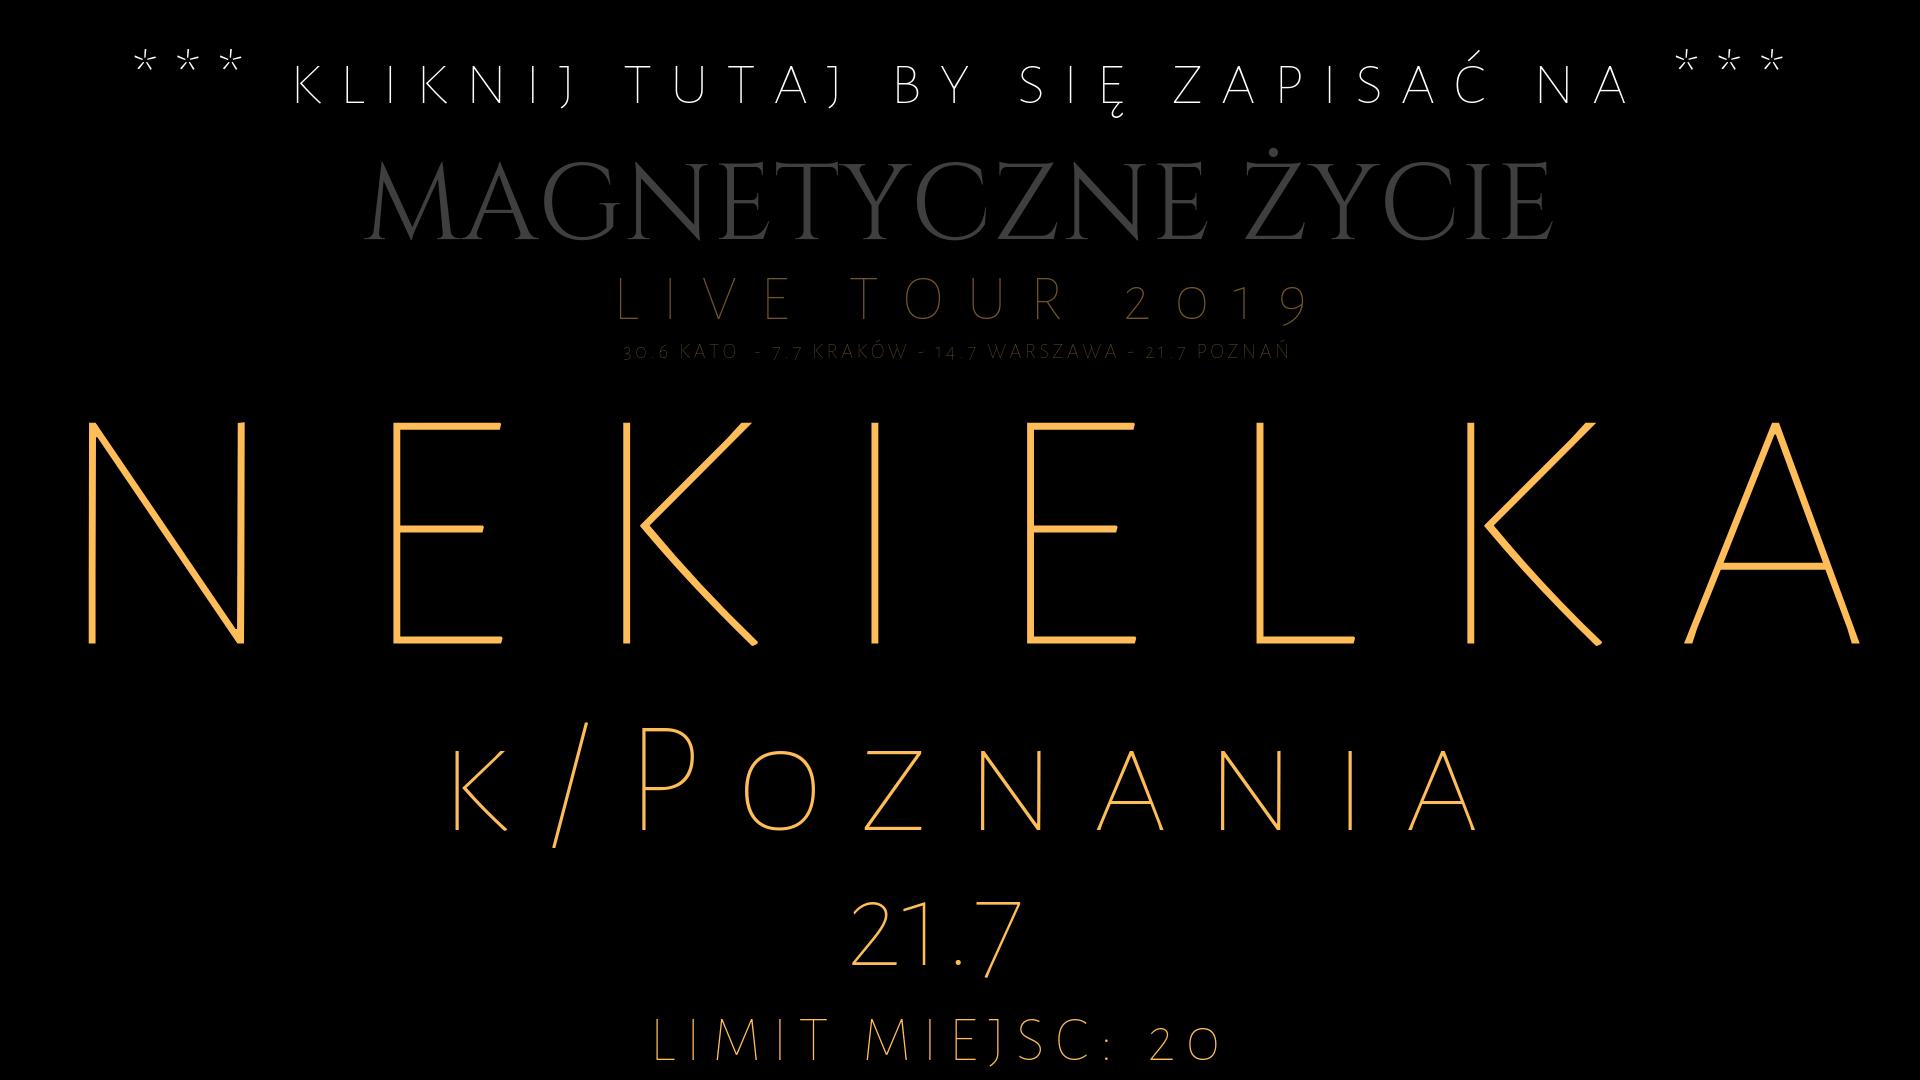 MAGNETYCZNE ŻYCIE-14.png